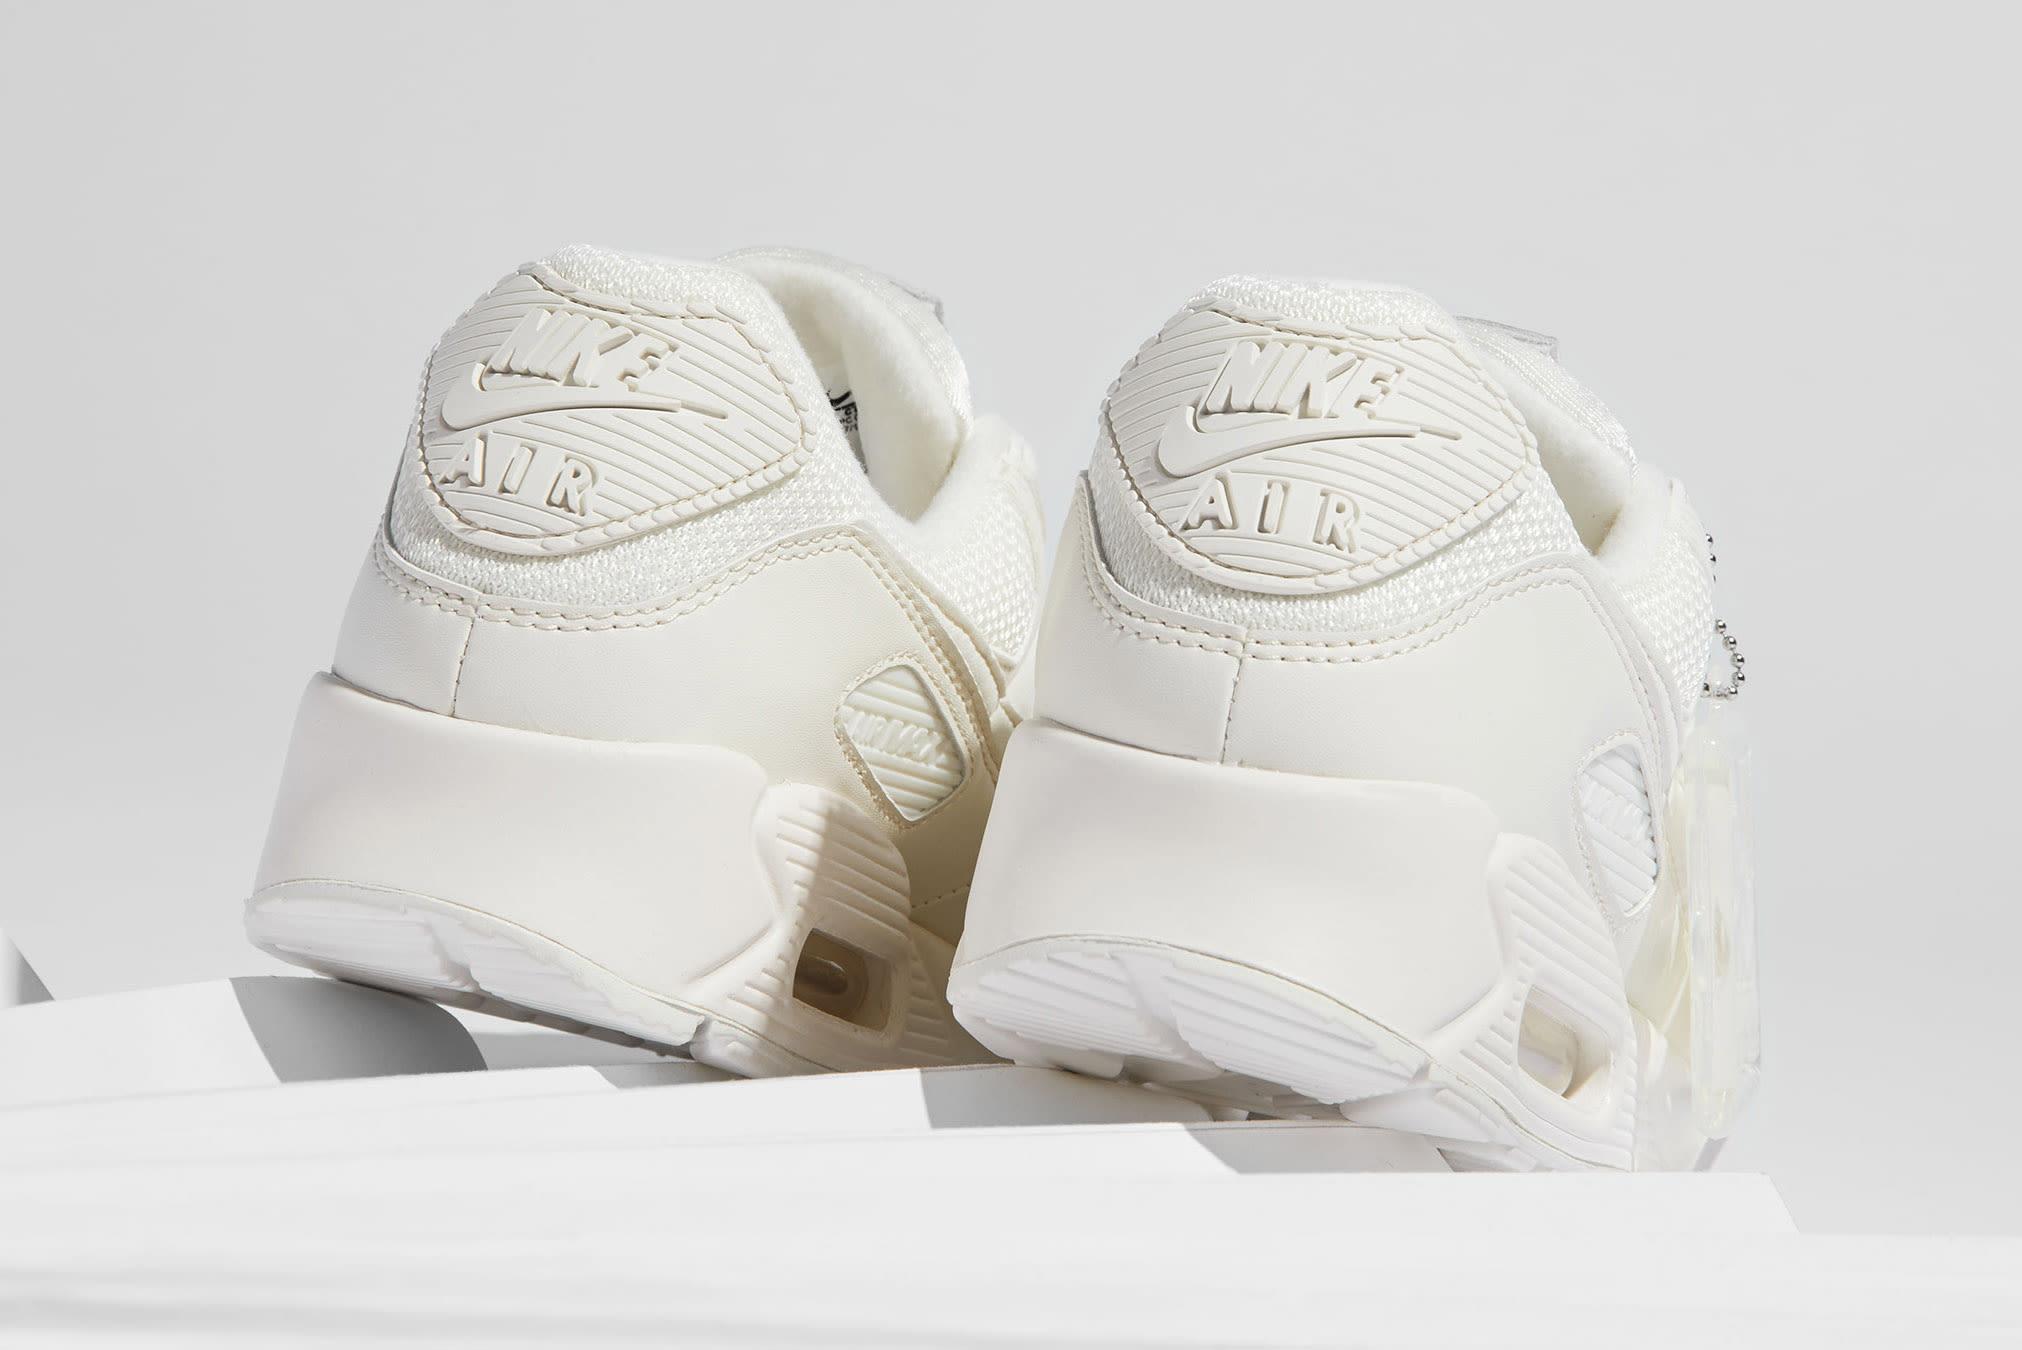 Nike Air Max 90 - CT2007-100